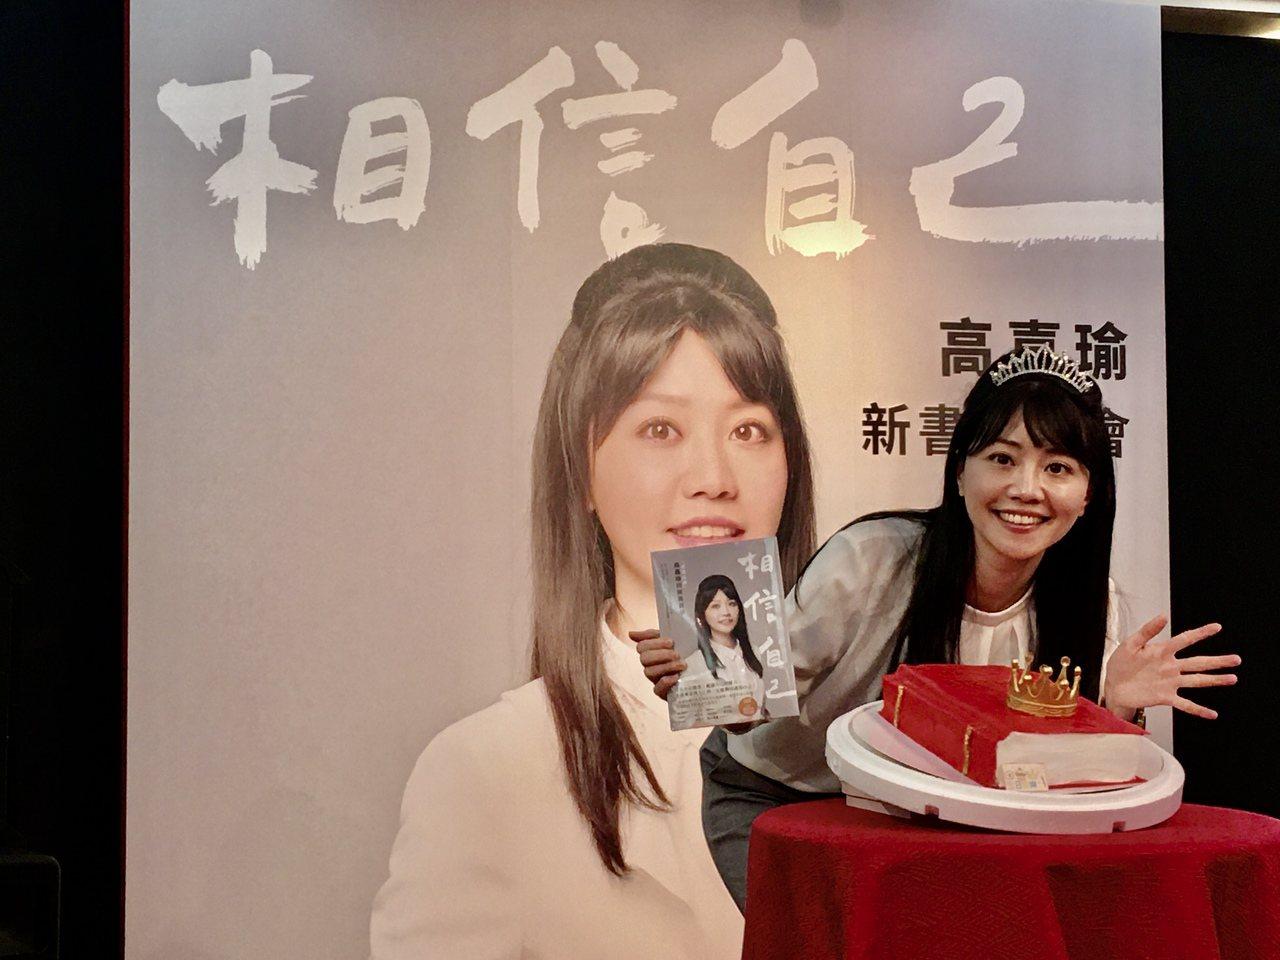 台北市議員高嘉瑜今天舉行新書發表會。記者魏莨伊 / 攝影